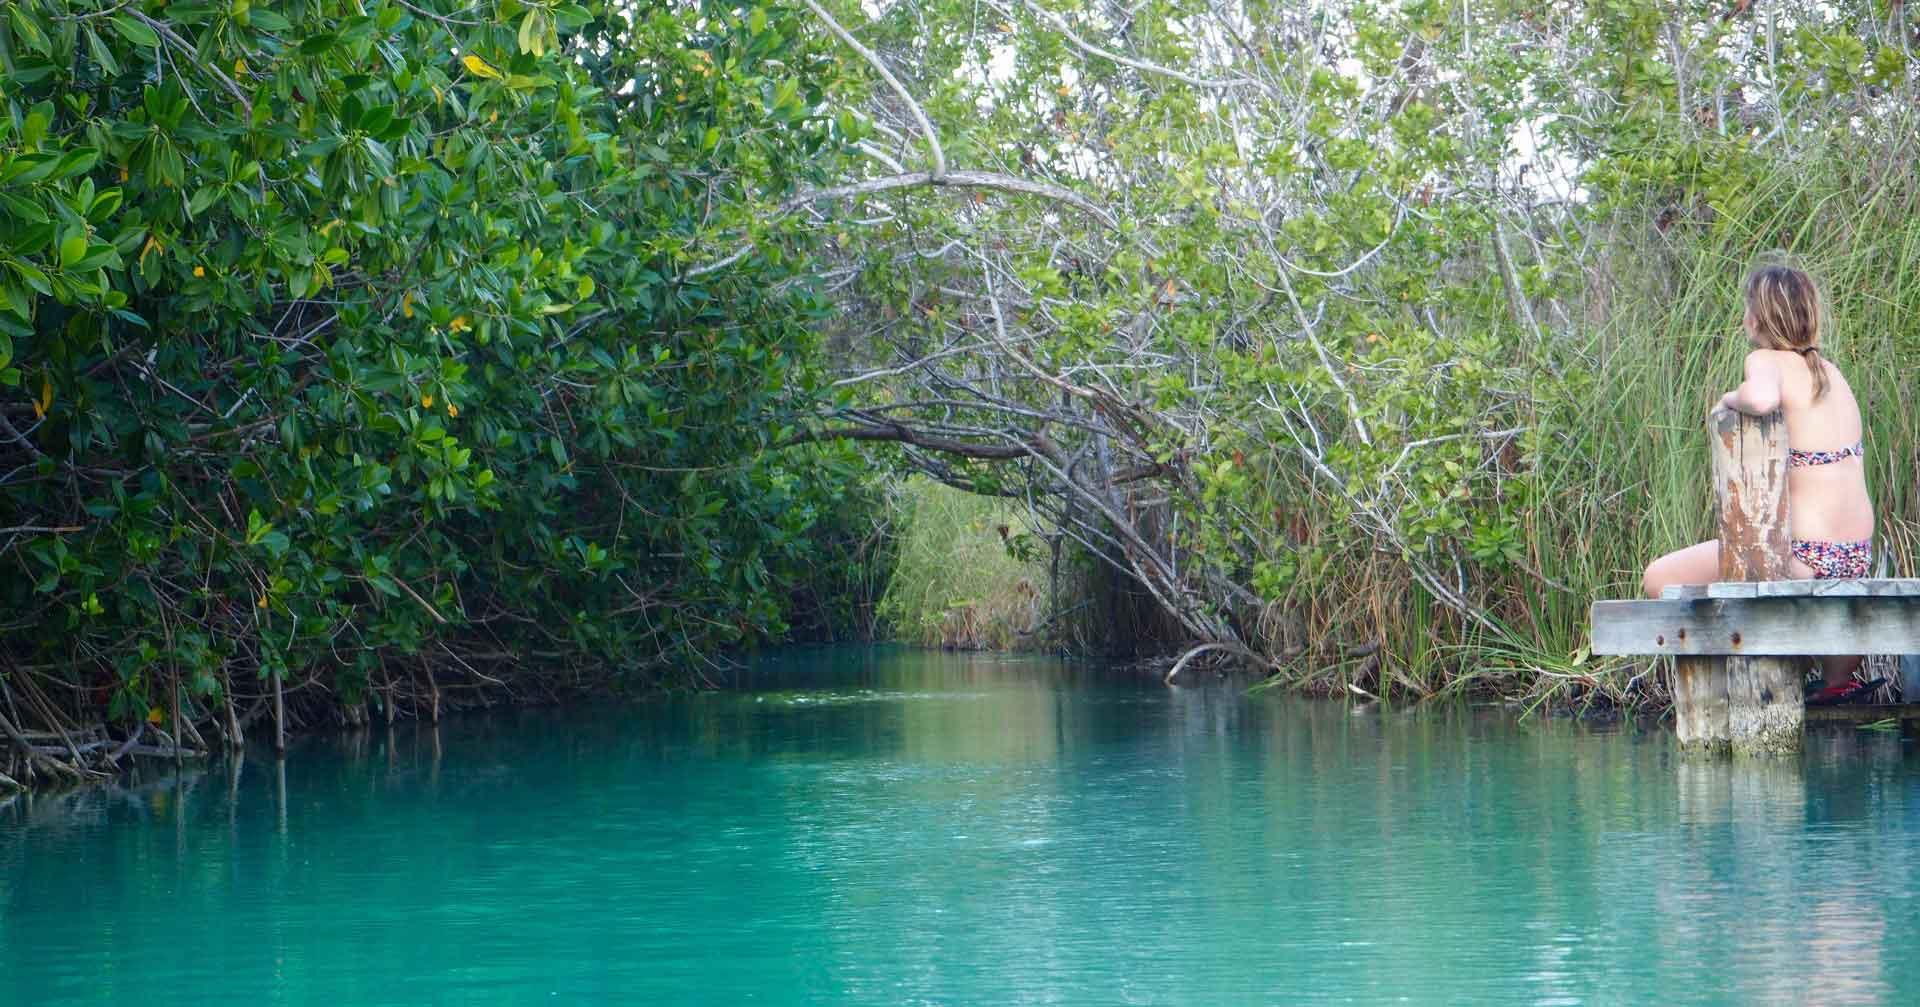 excursiones-riviera-maya-muyil-sl-3